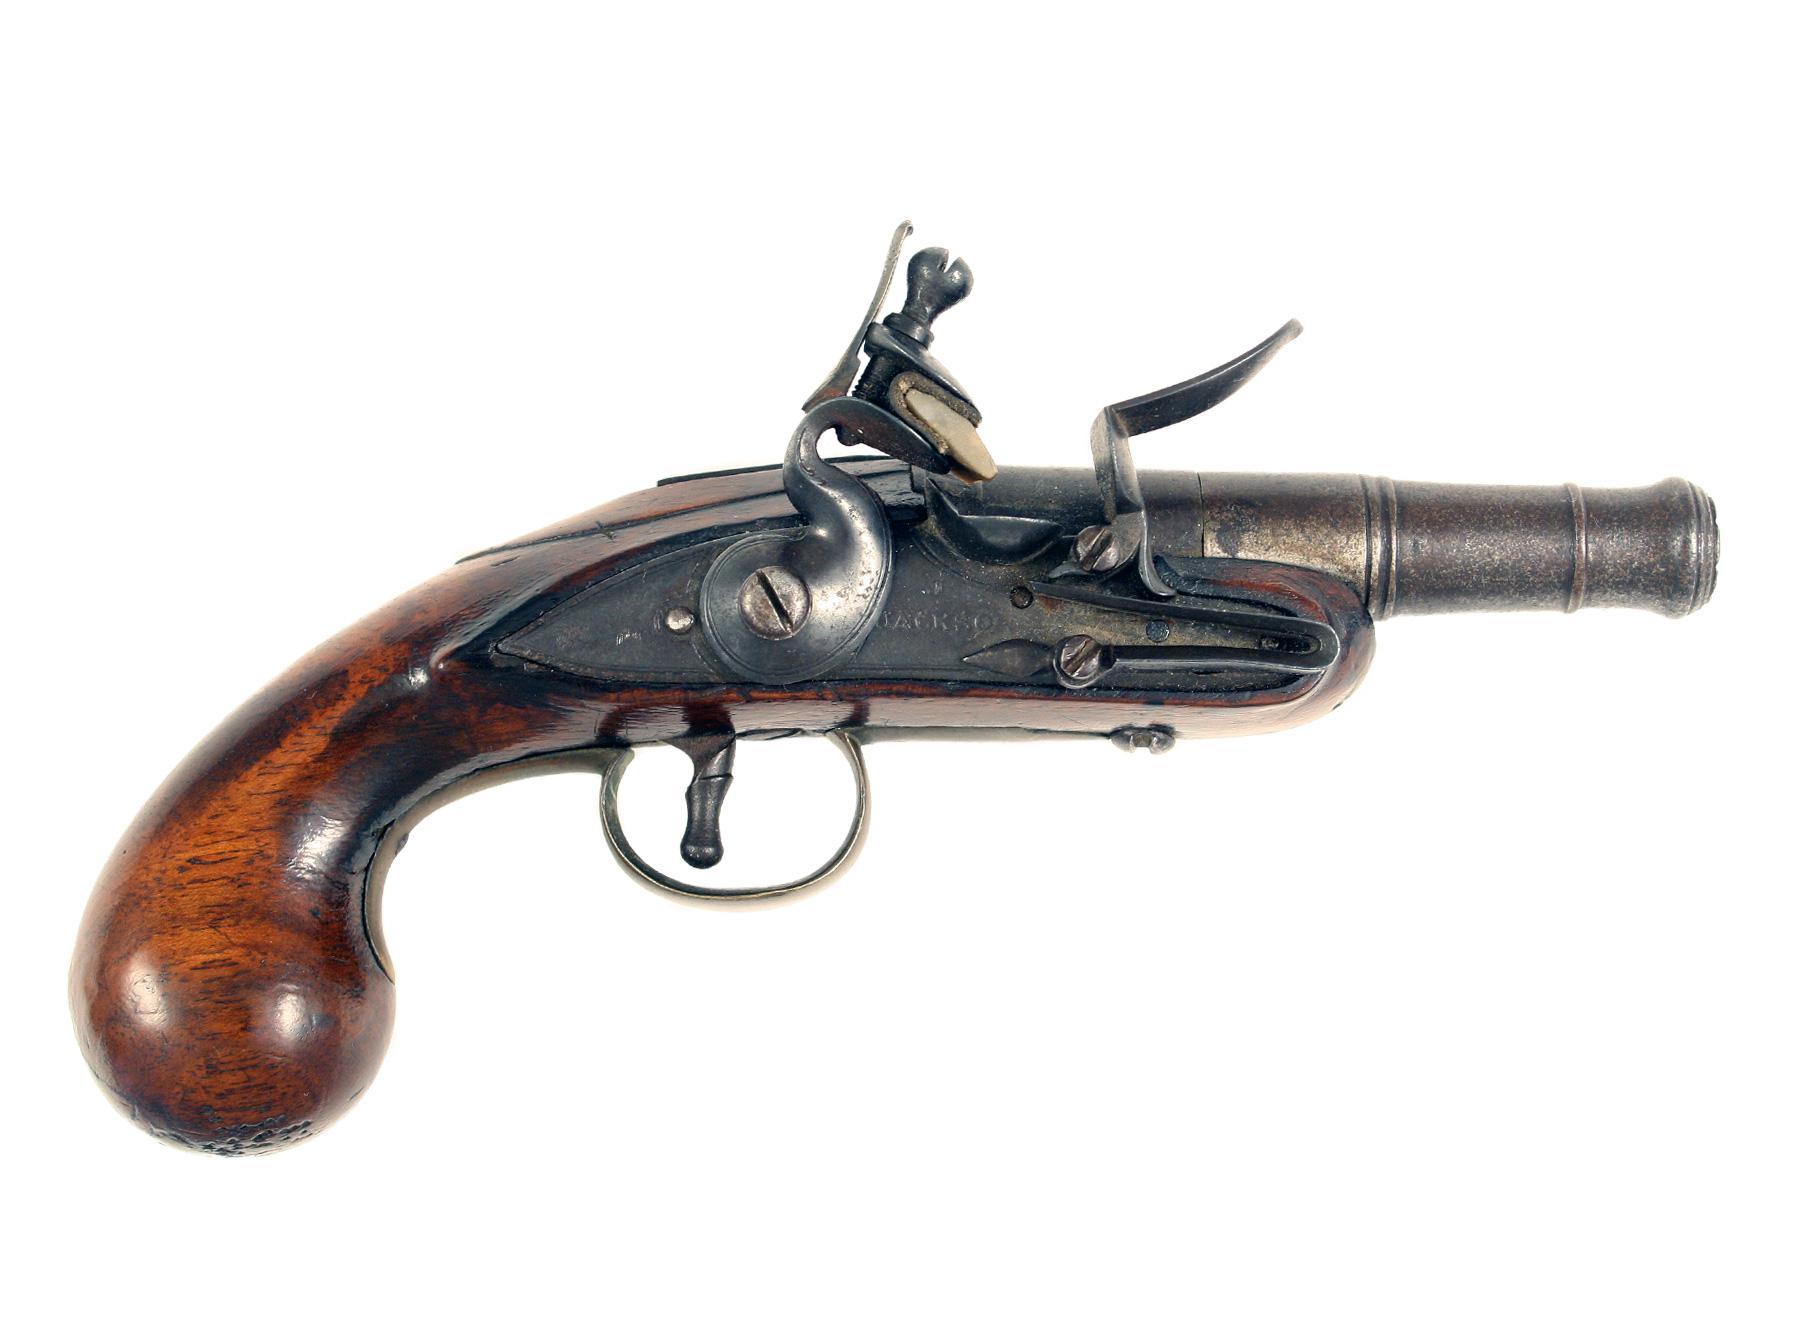 An Early Flintlock Pocket Pistol by J. Jackson.